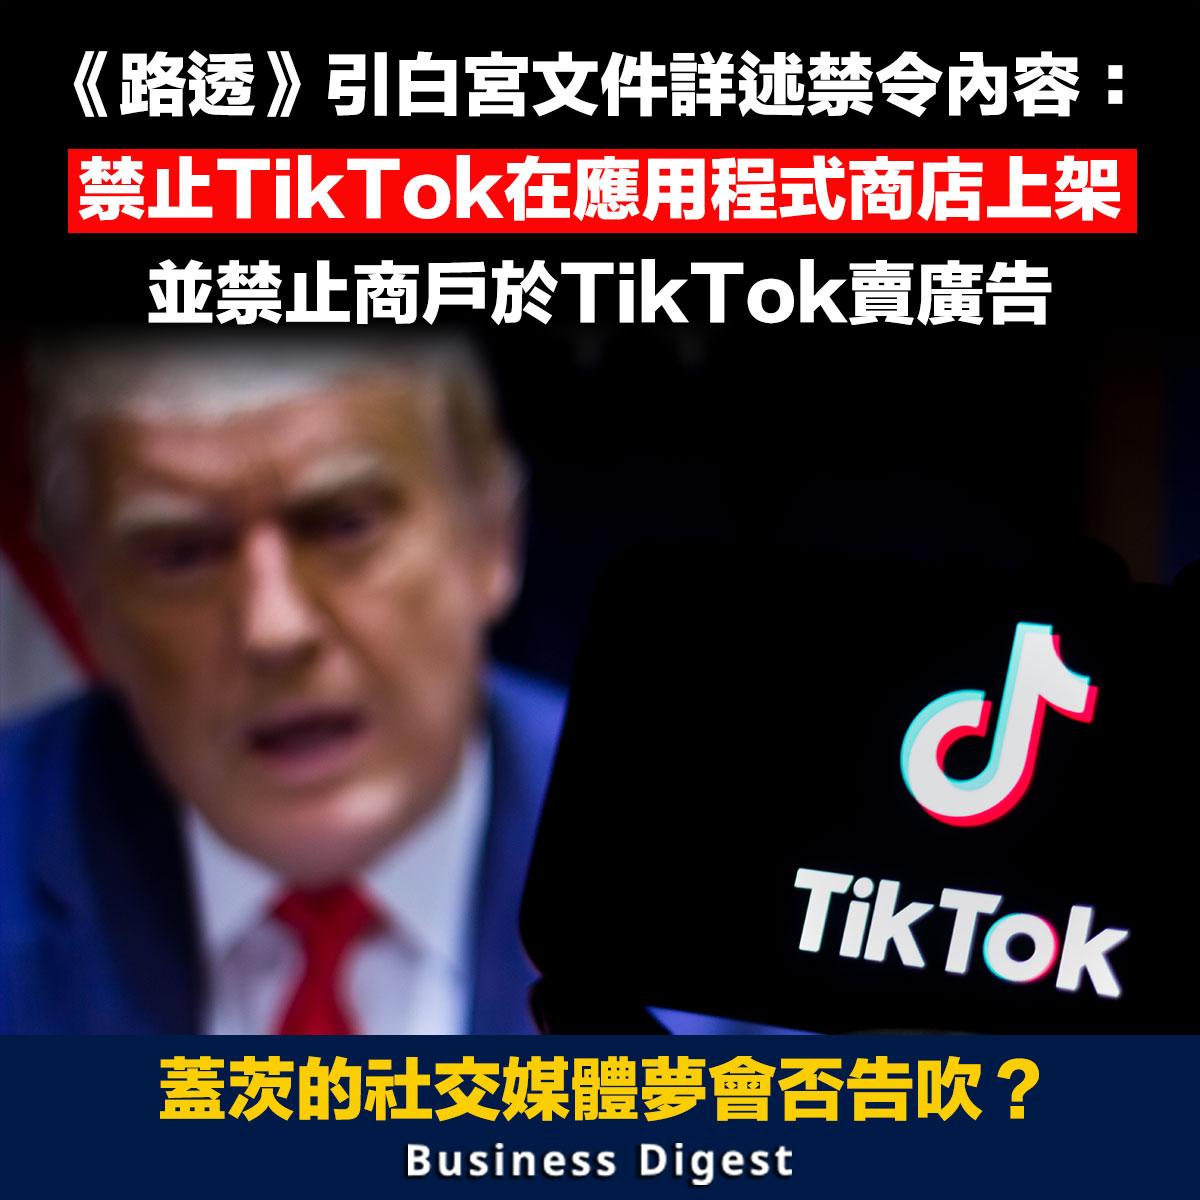 【商業熱話】《路透》引白宮文件詳述禁令內容:禁止TikTok在應用程式商店上架